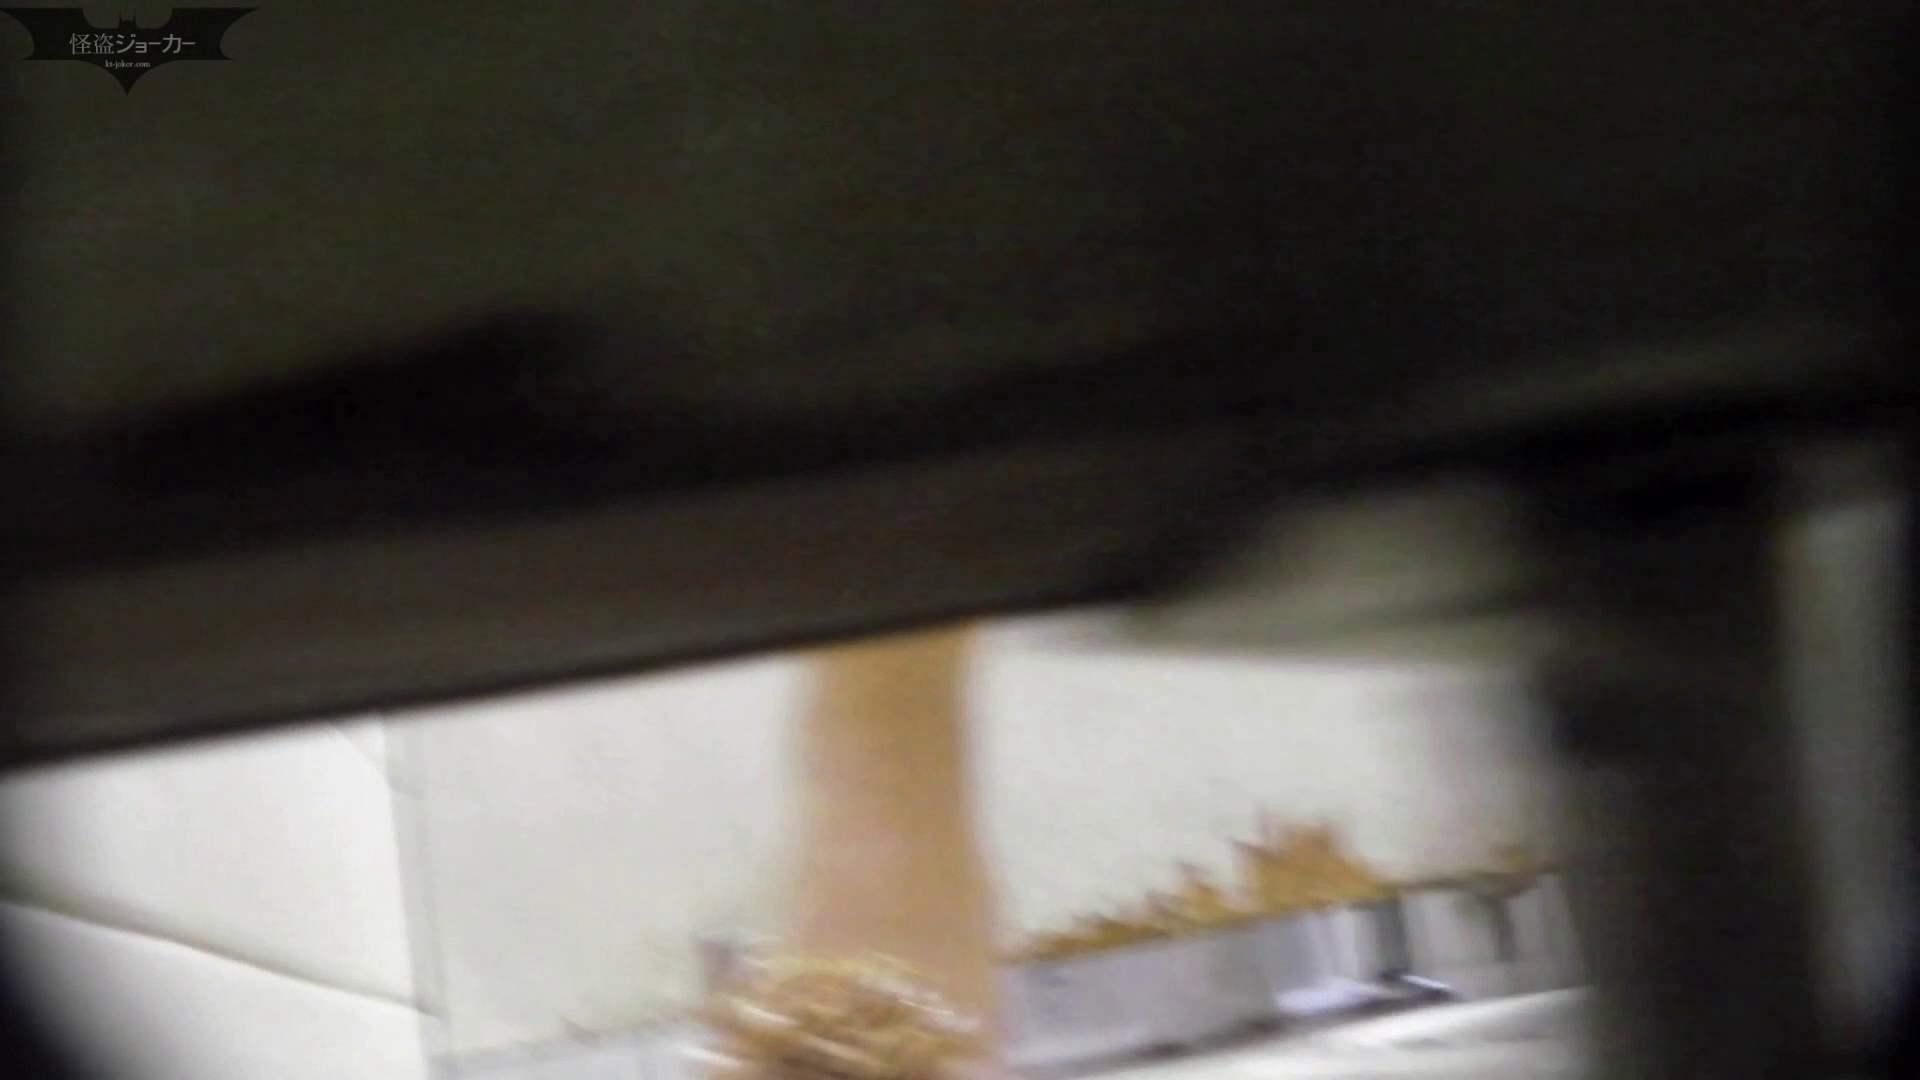 洗面所特攻隊 vol.56 白濁まみれのごっつい一本!!技あり お姉さんのSEX エロ画像 110枚 101